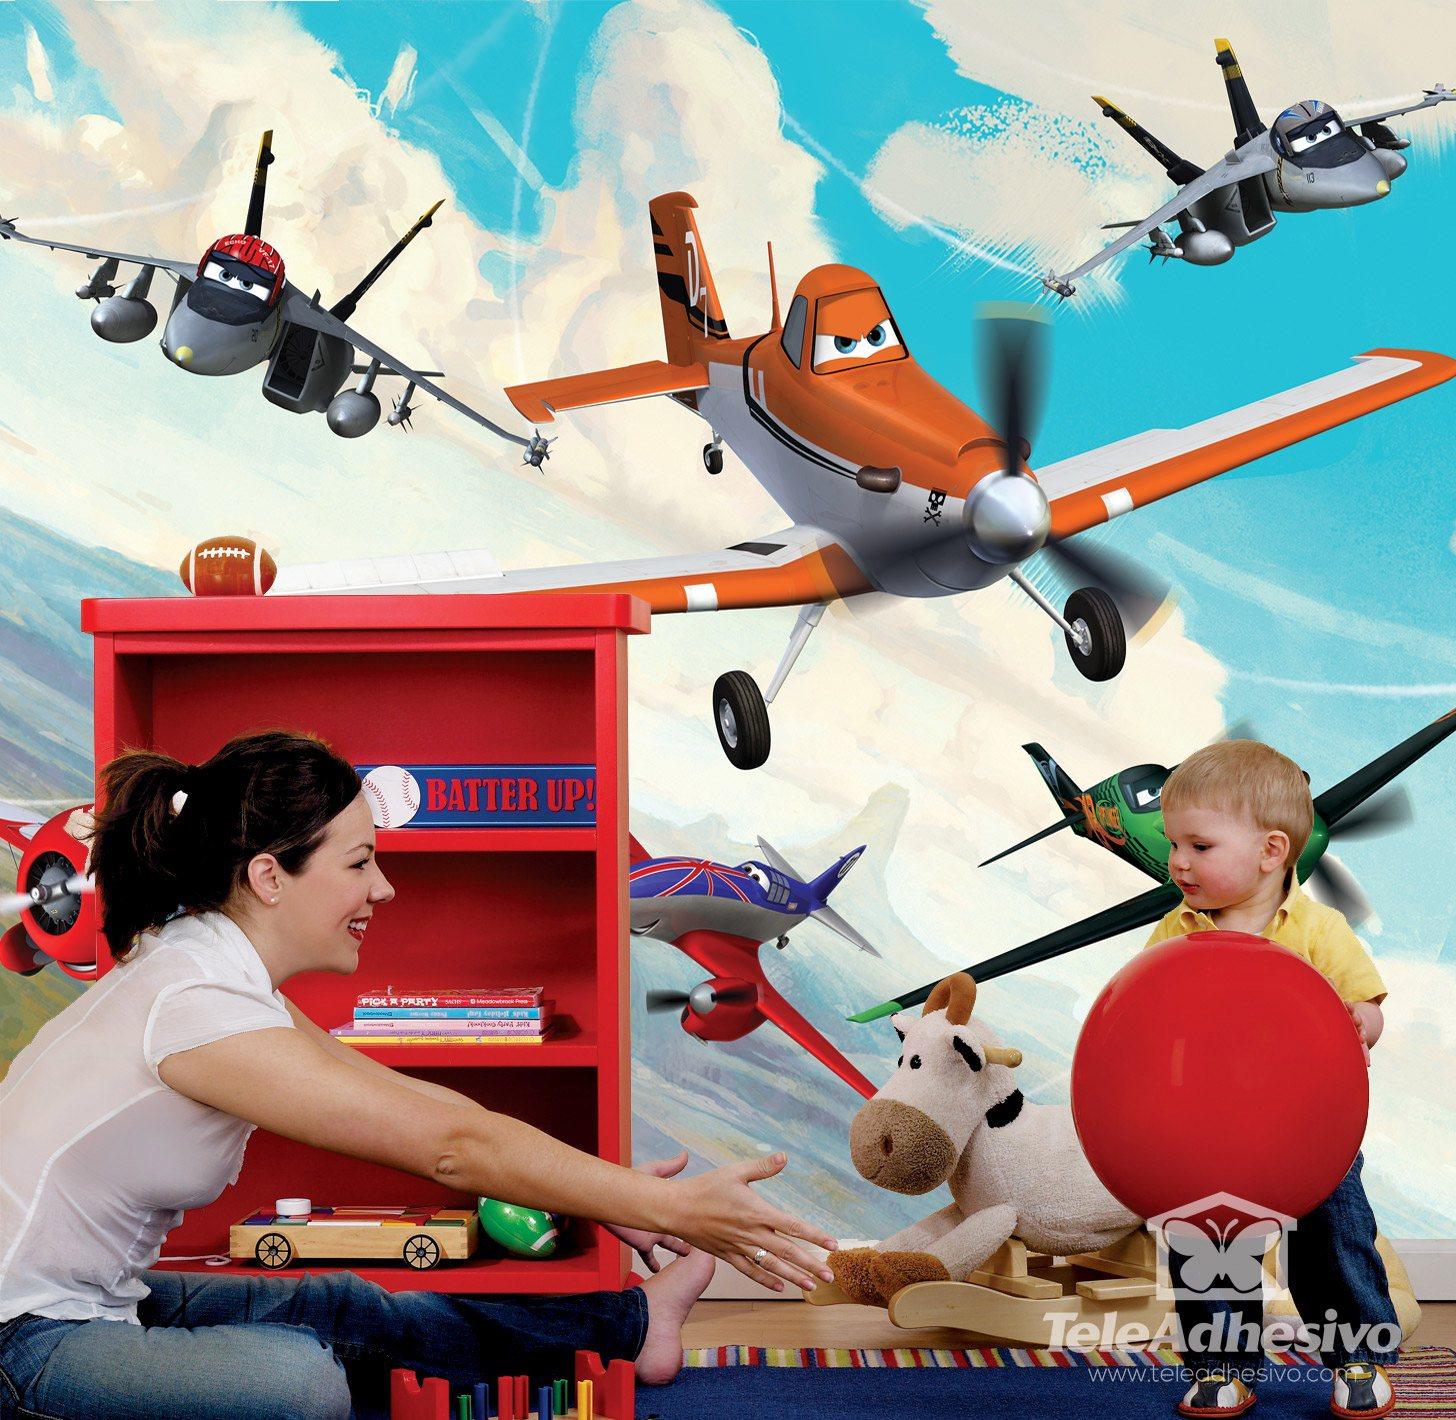 Fototapeten: Aircraft